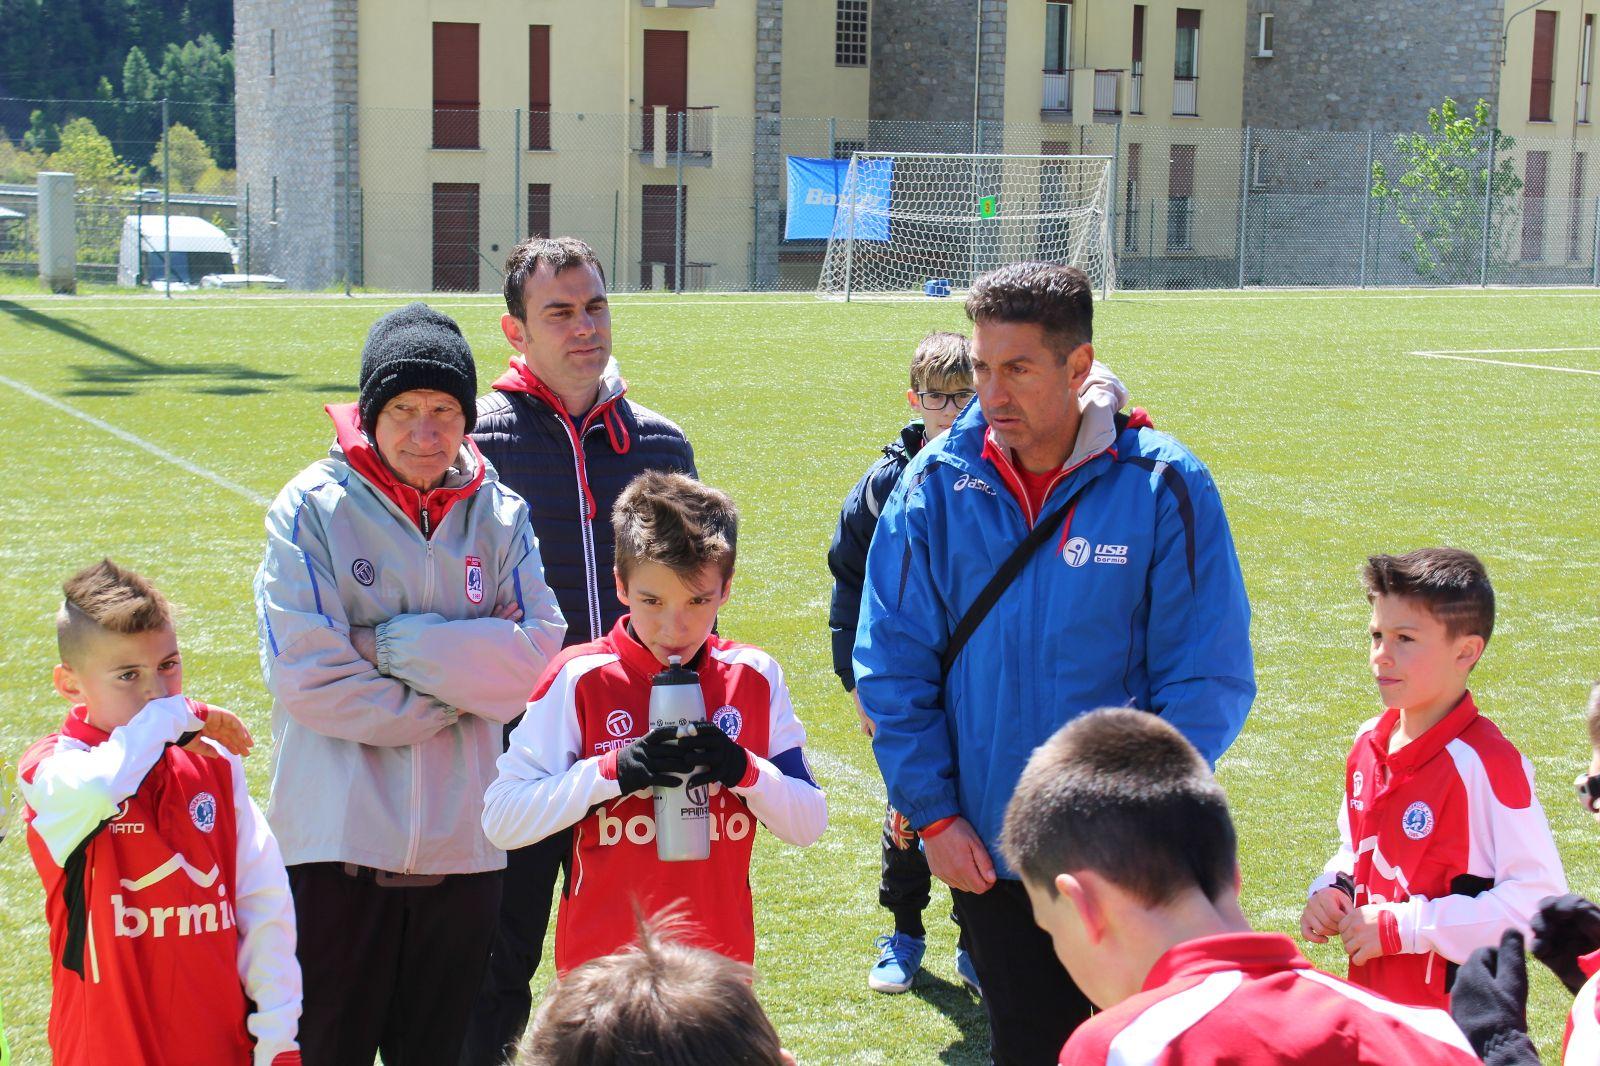 Vivai Di Calcio : Il lugano punta di nuovo sul vivaio rsi radiotelevisione svizzera